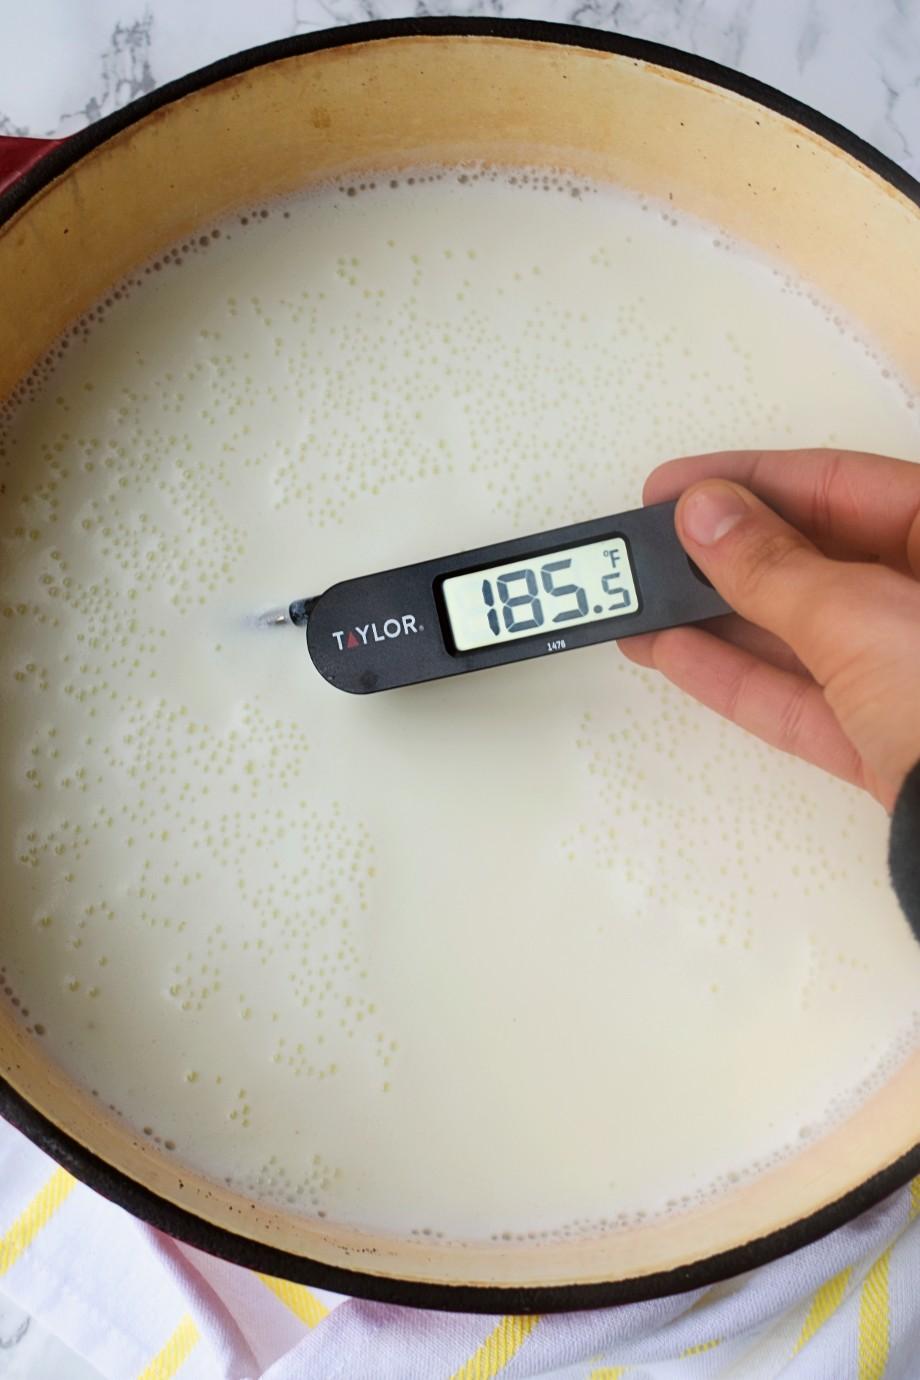 Heating milk to make homemade yogurt